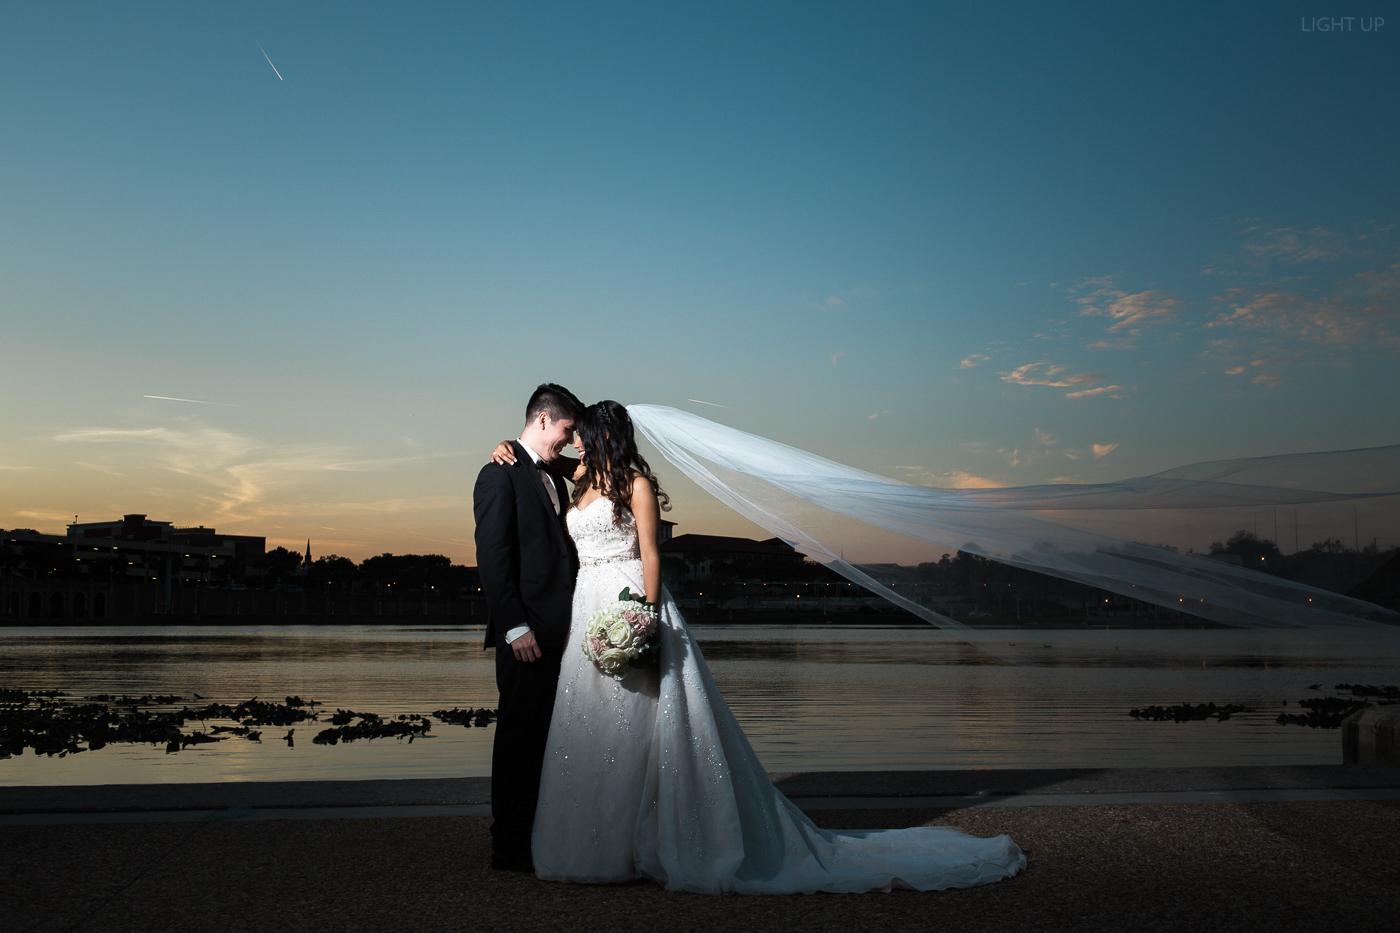 lake mirror wedding-2.jpg